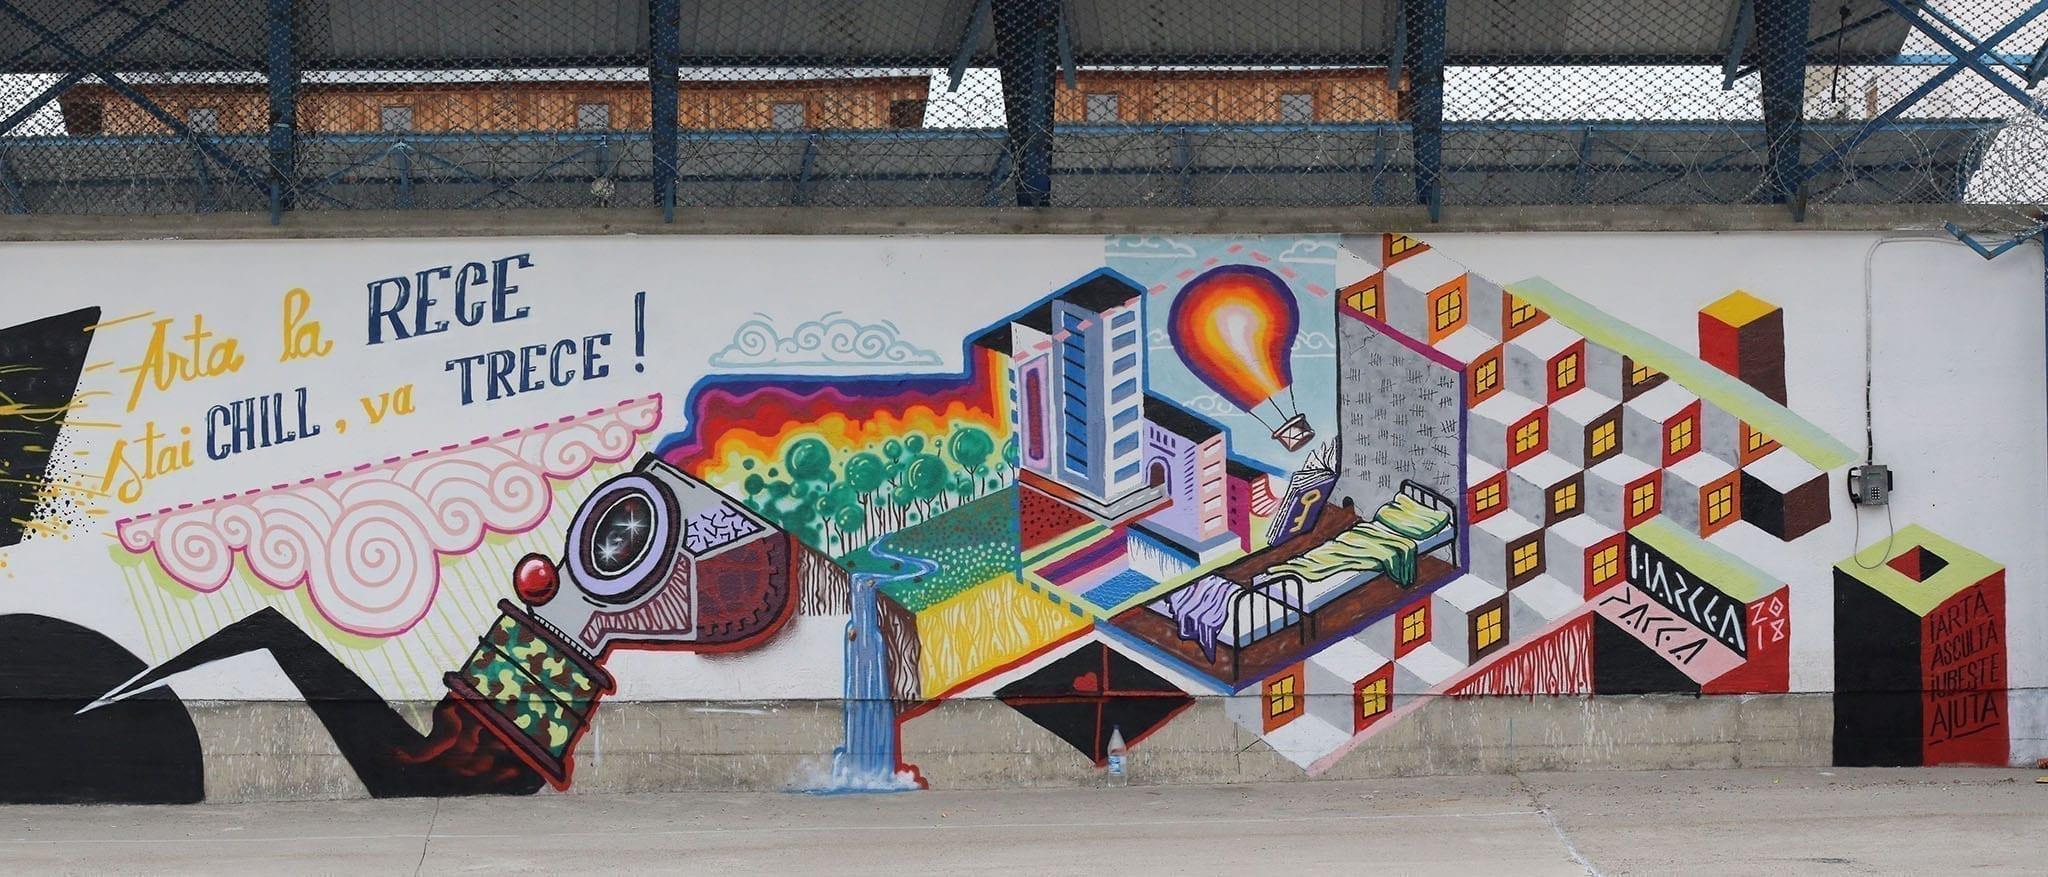 HarceaPacea Street Delivery penitenciarul Iași 2018 Un-hidden street art in Romania book art files